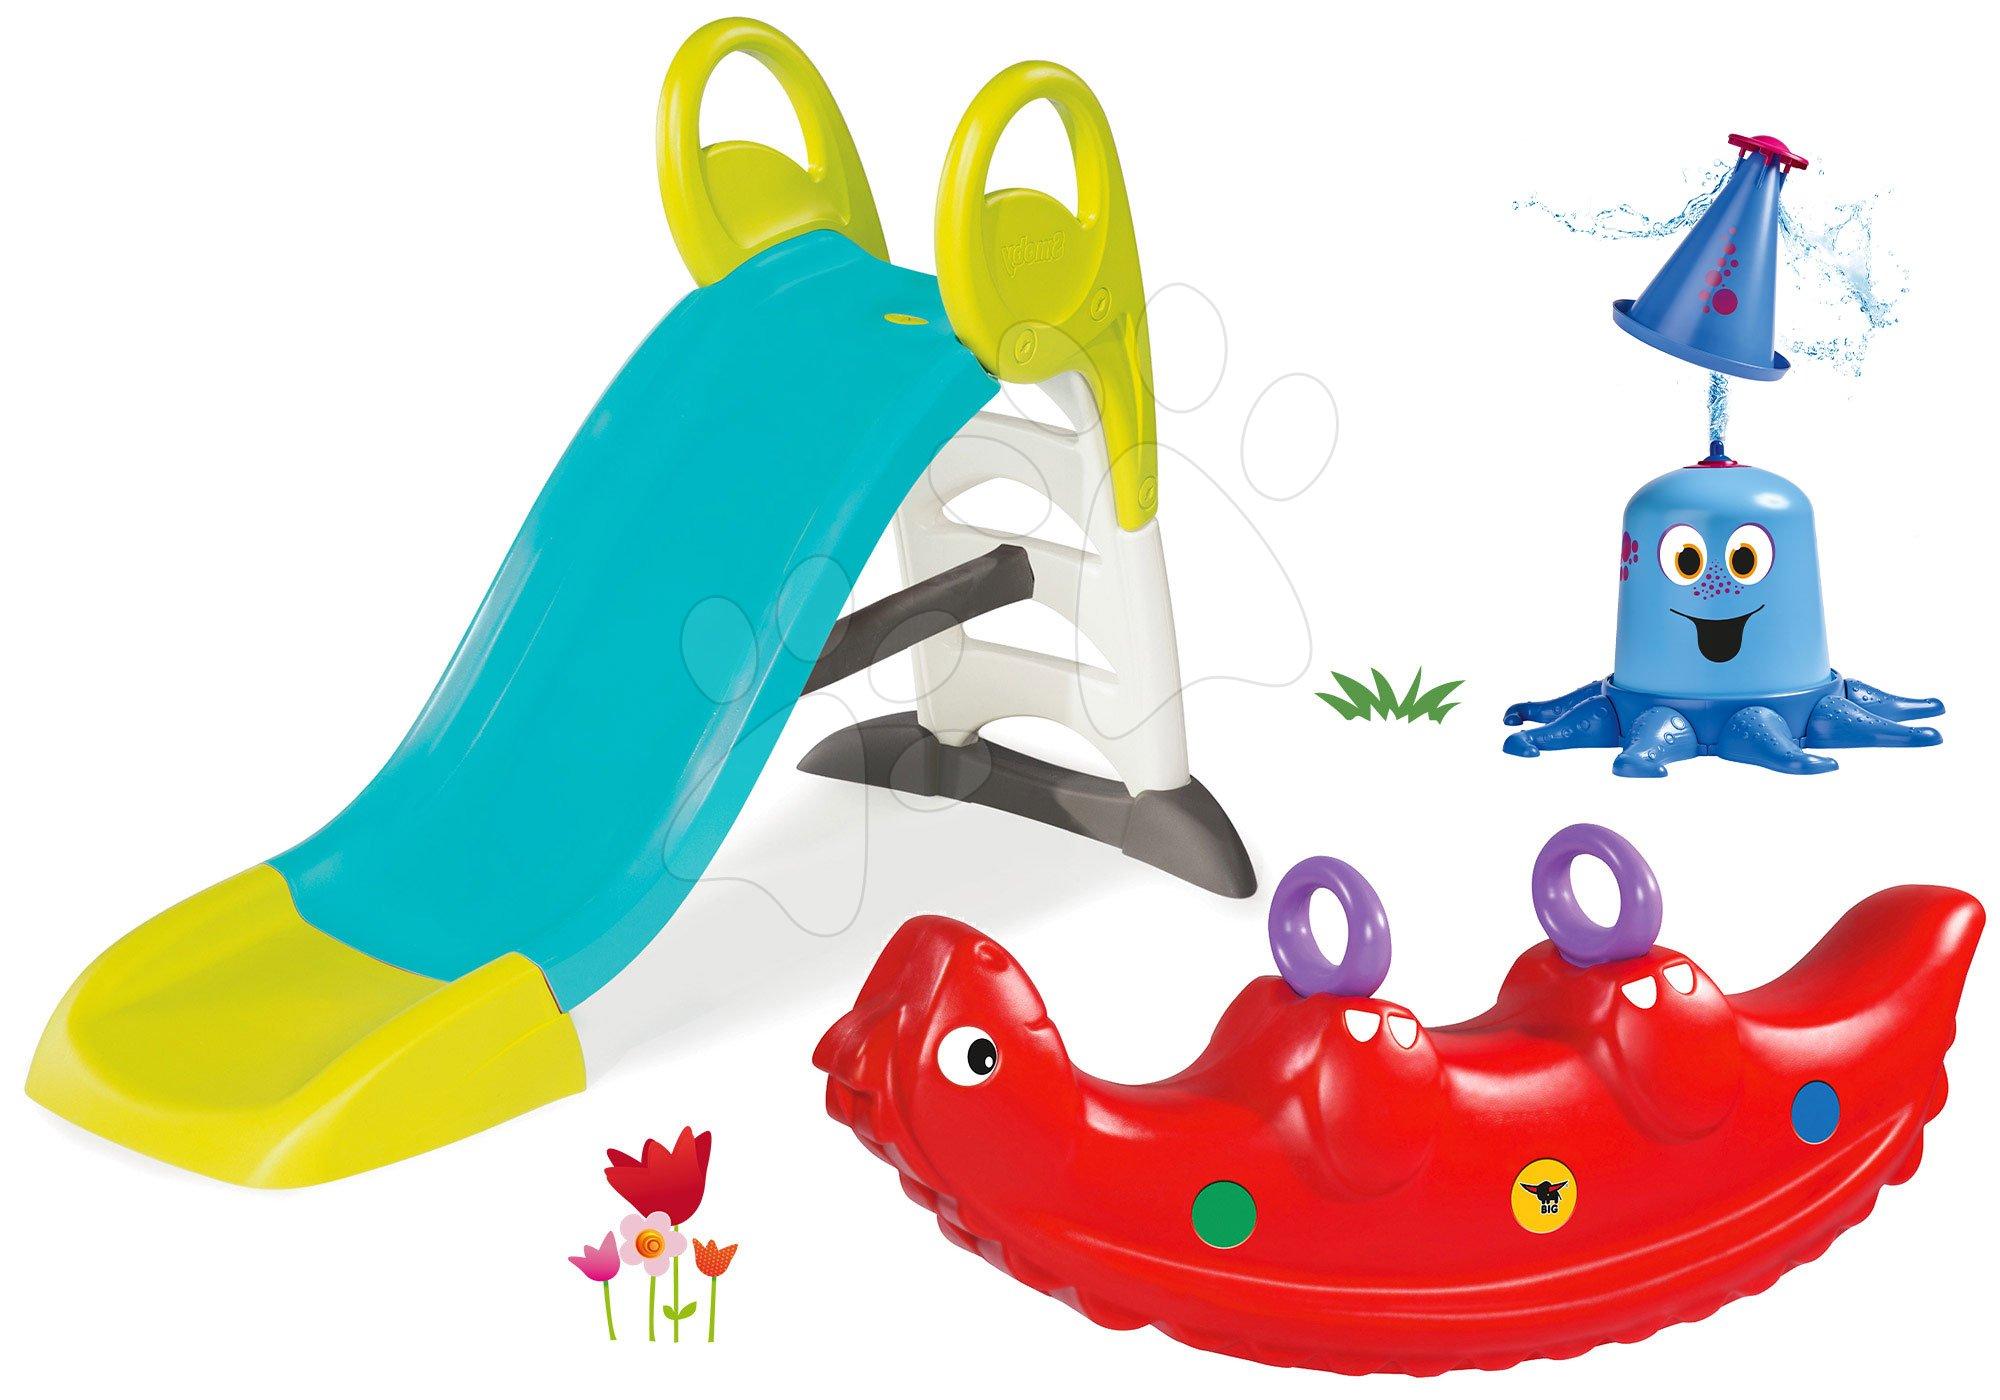 Set šmykľavka Toboggan KS s dĺžkou 150 cm Smoby a hojdačka dinosaurus obojstranná s vodnou chobotnicou